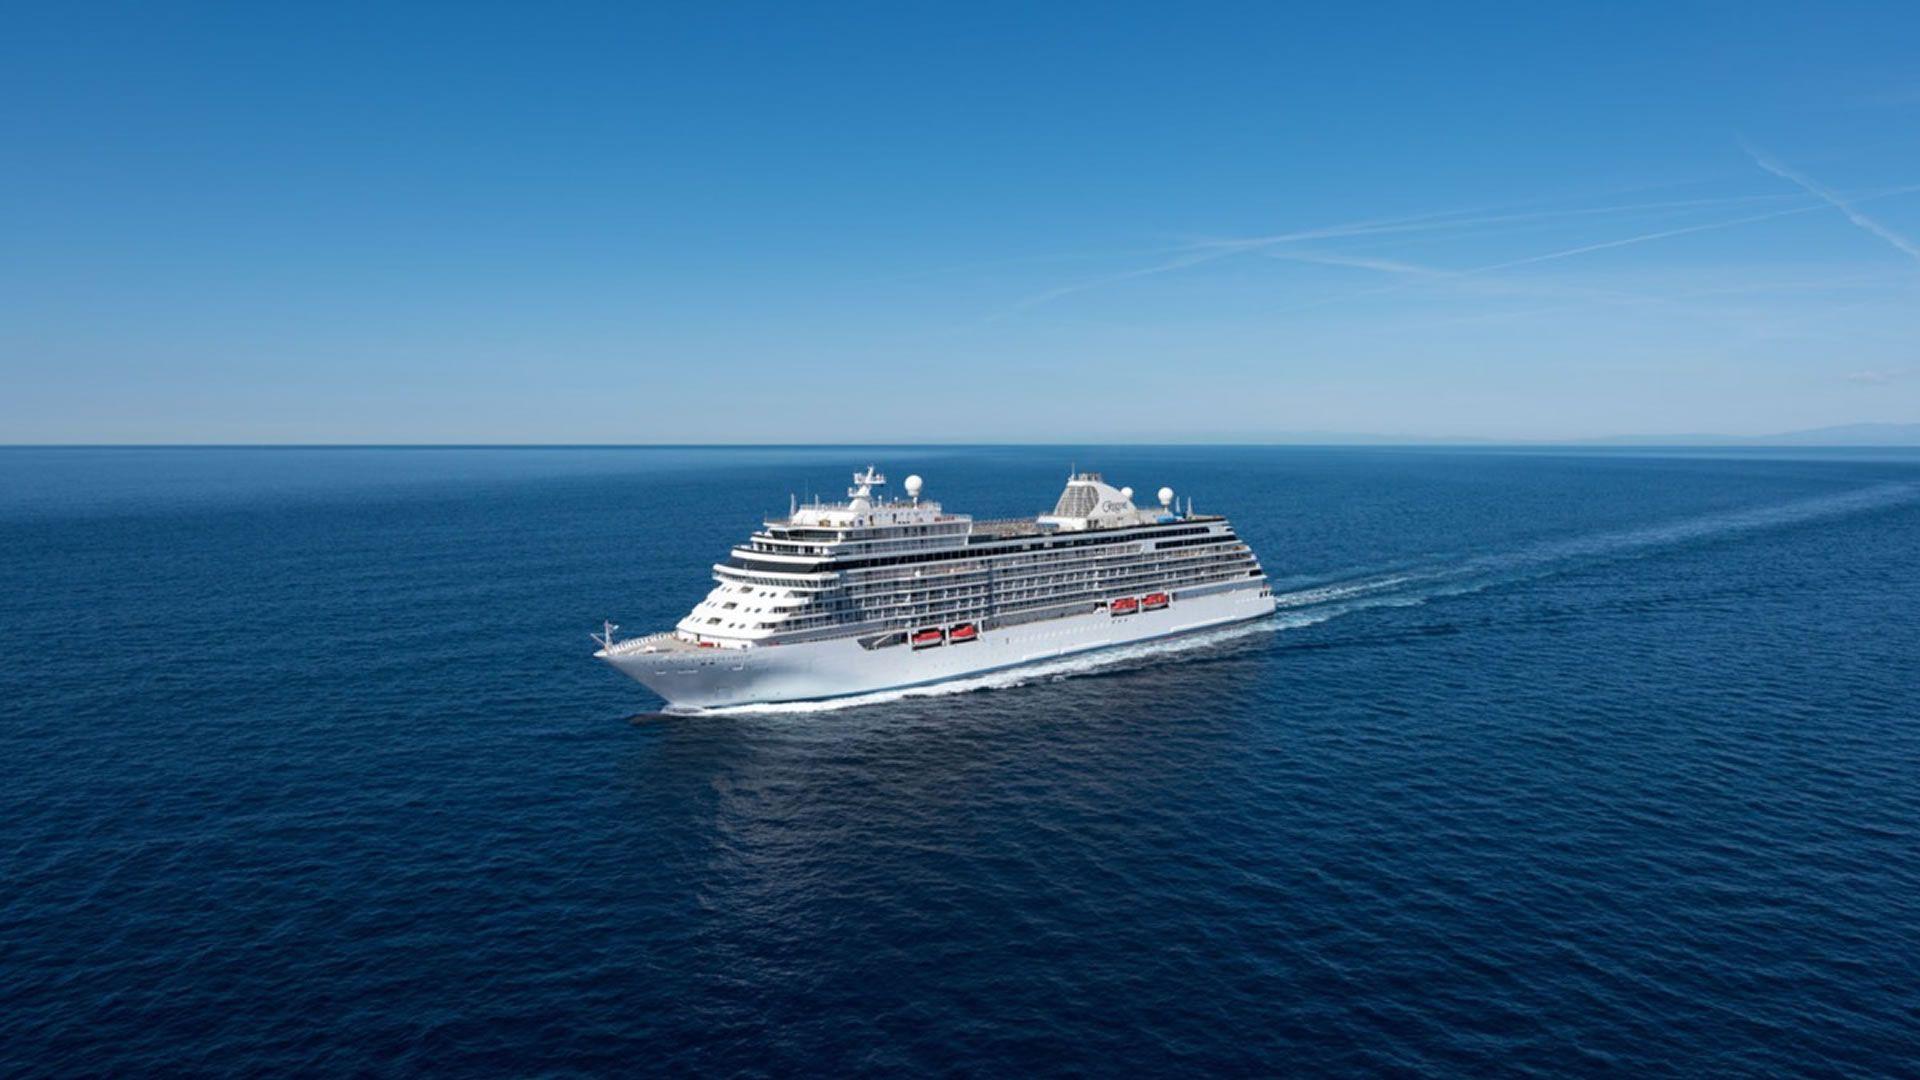 Un espectacular crucero de 117 días que recorre el mundo ¿Cuánto cuesta?